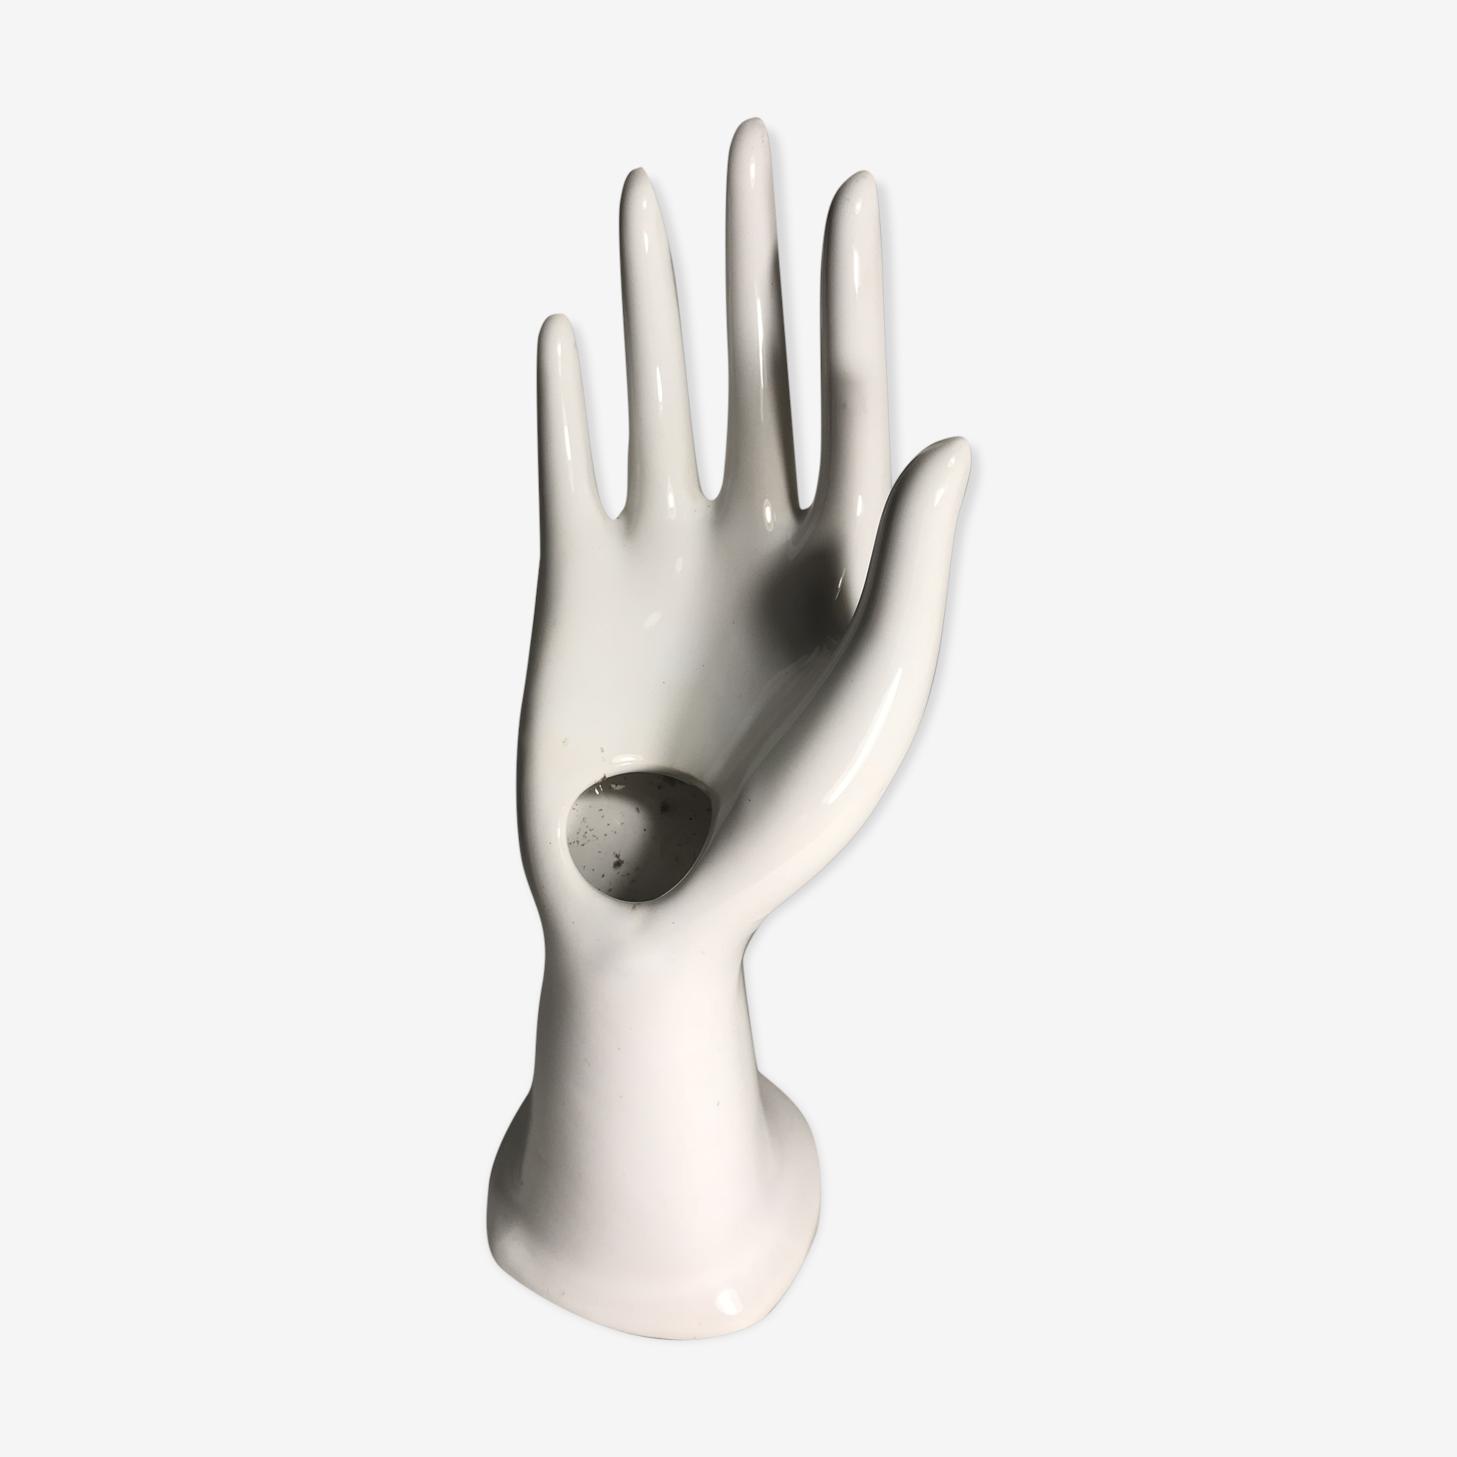 Main céramique grand modèle porte bagues blanc droitier vintage